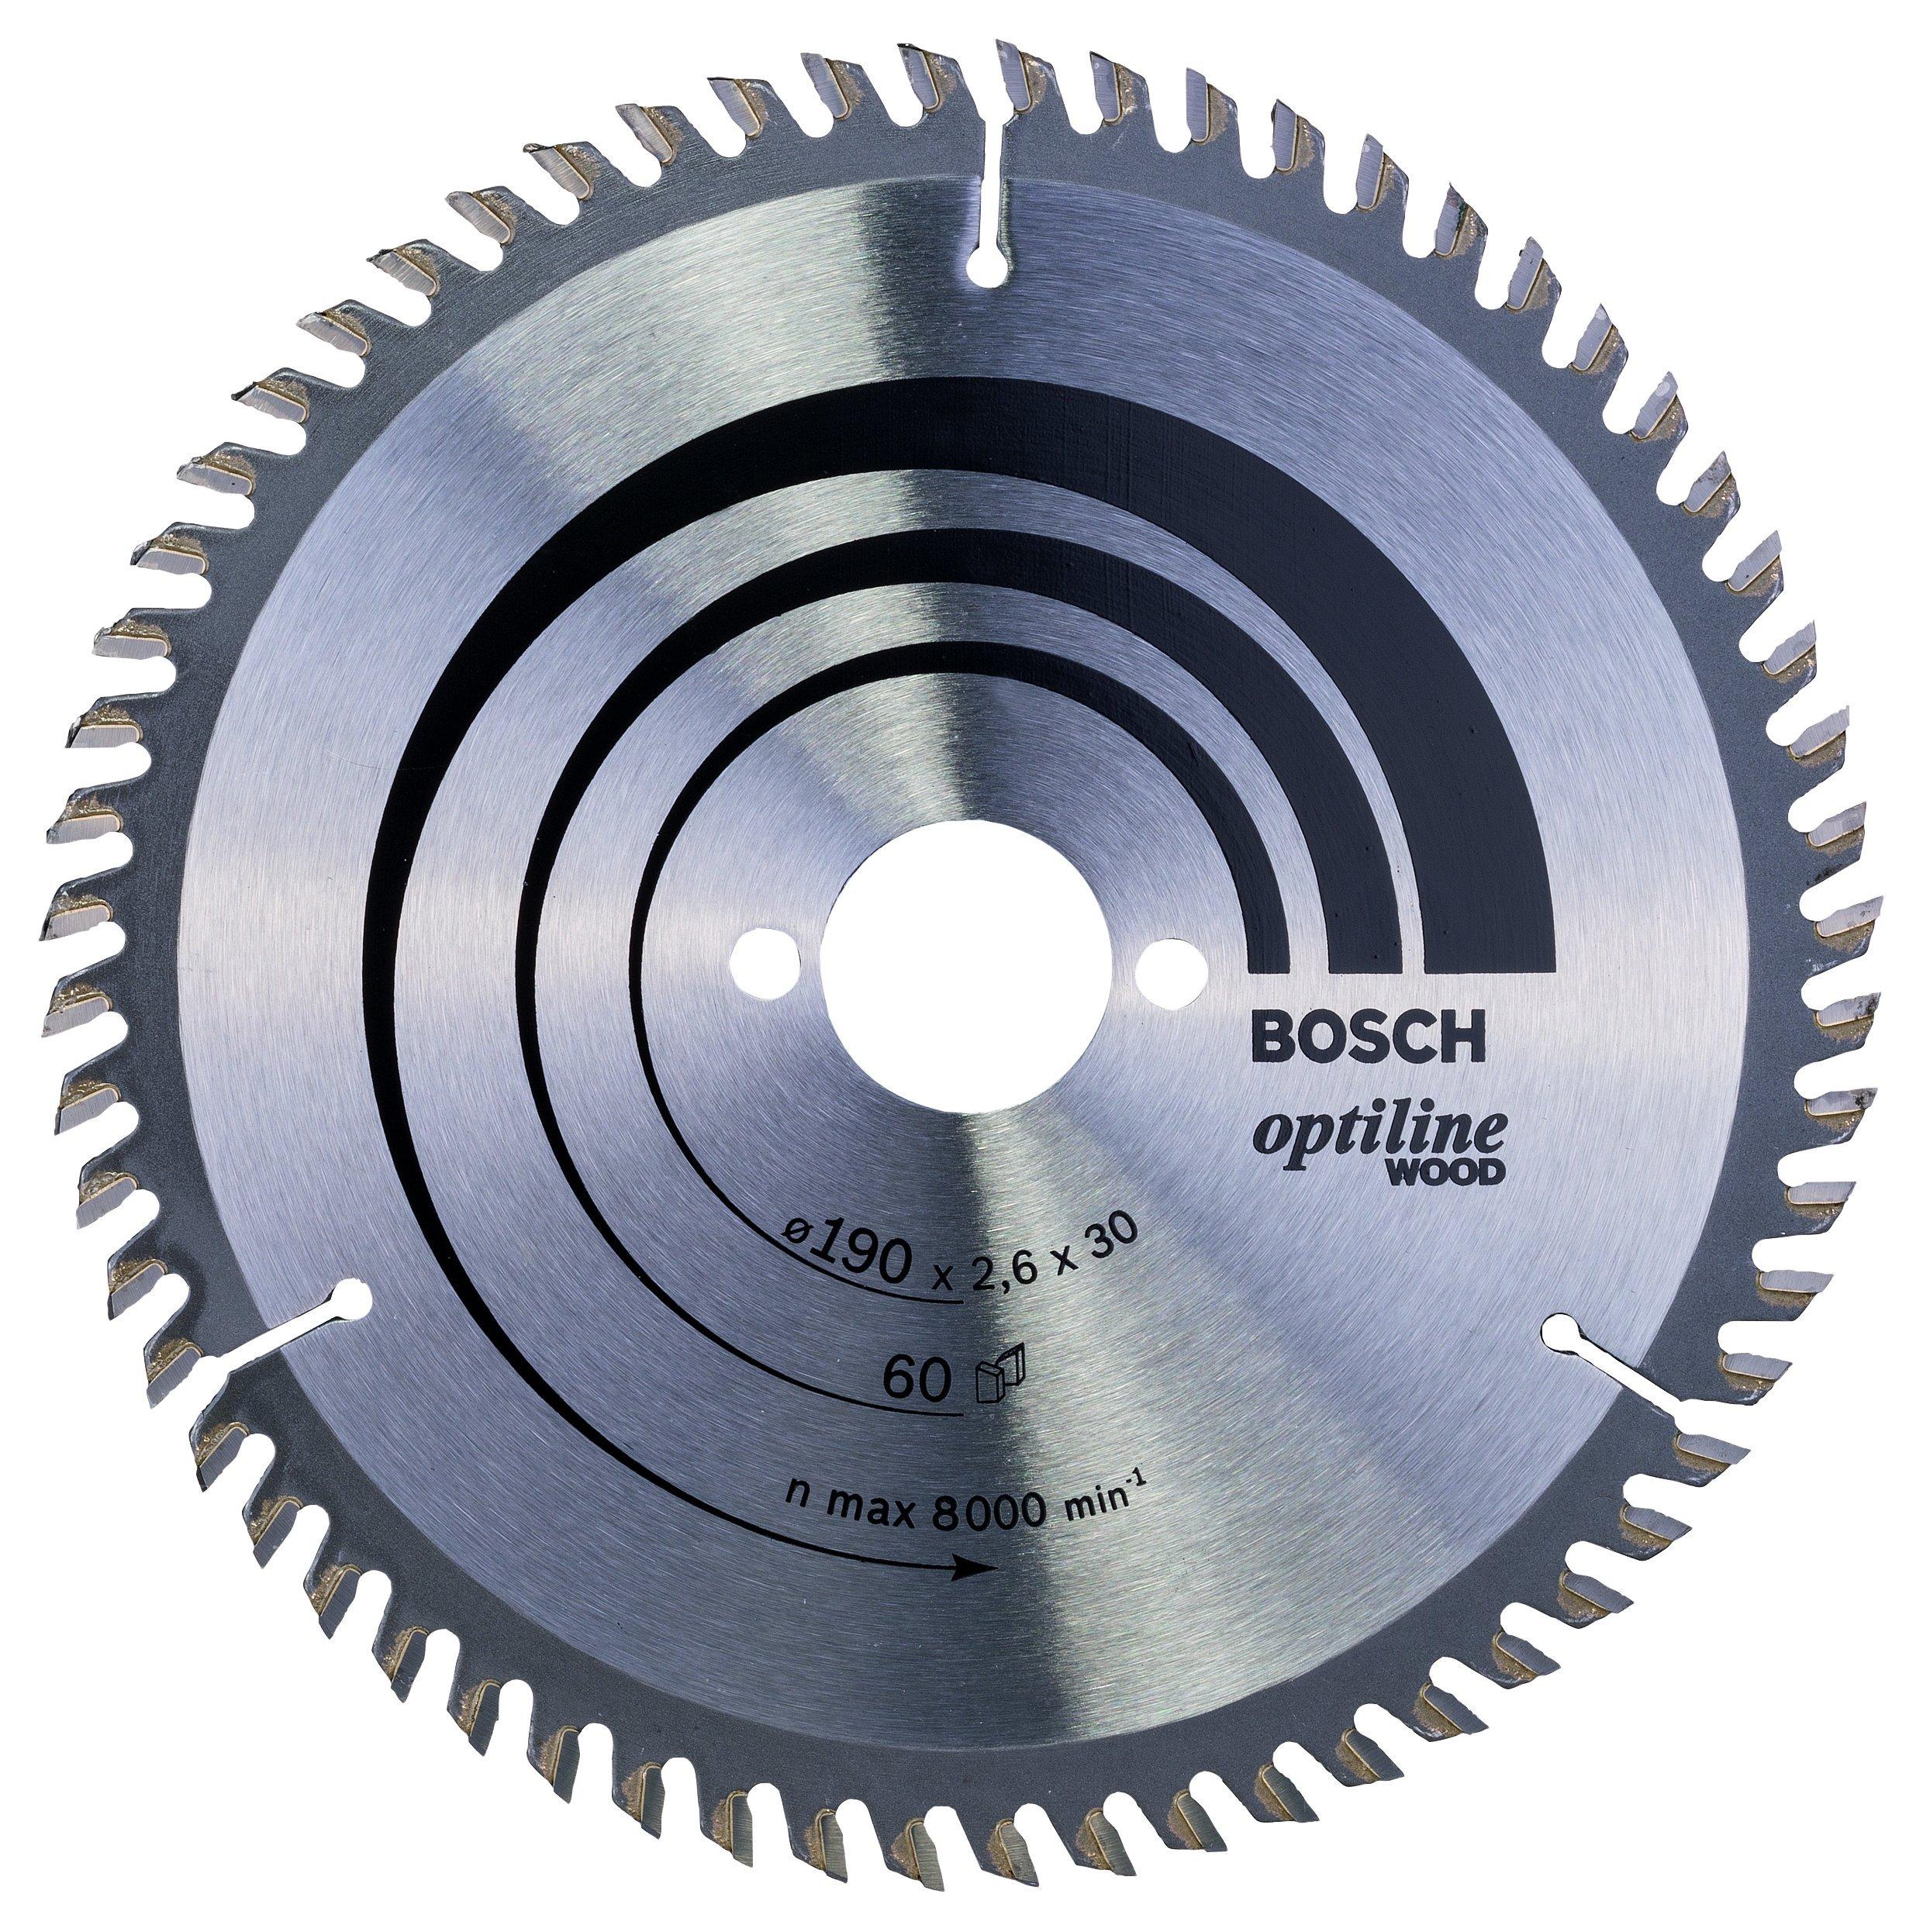 Disco Sierra BOSCH 2608641188 Precisión superior Opwoh 7.4